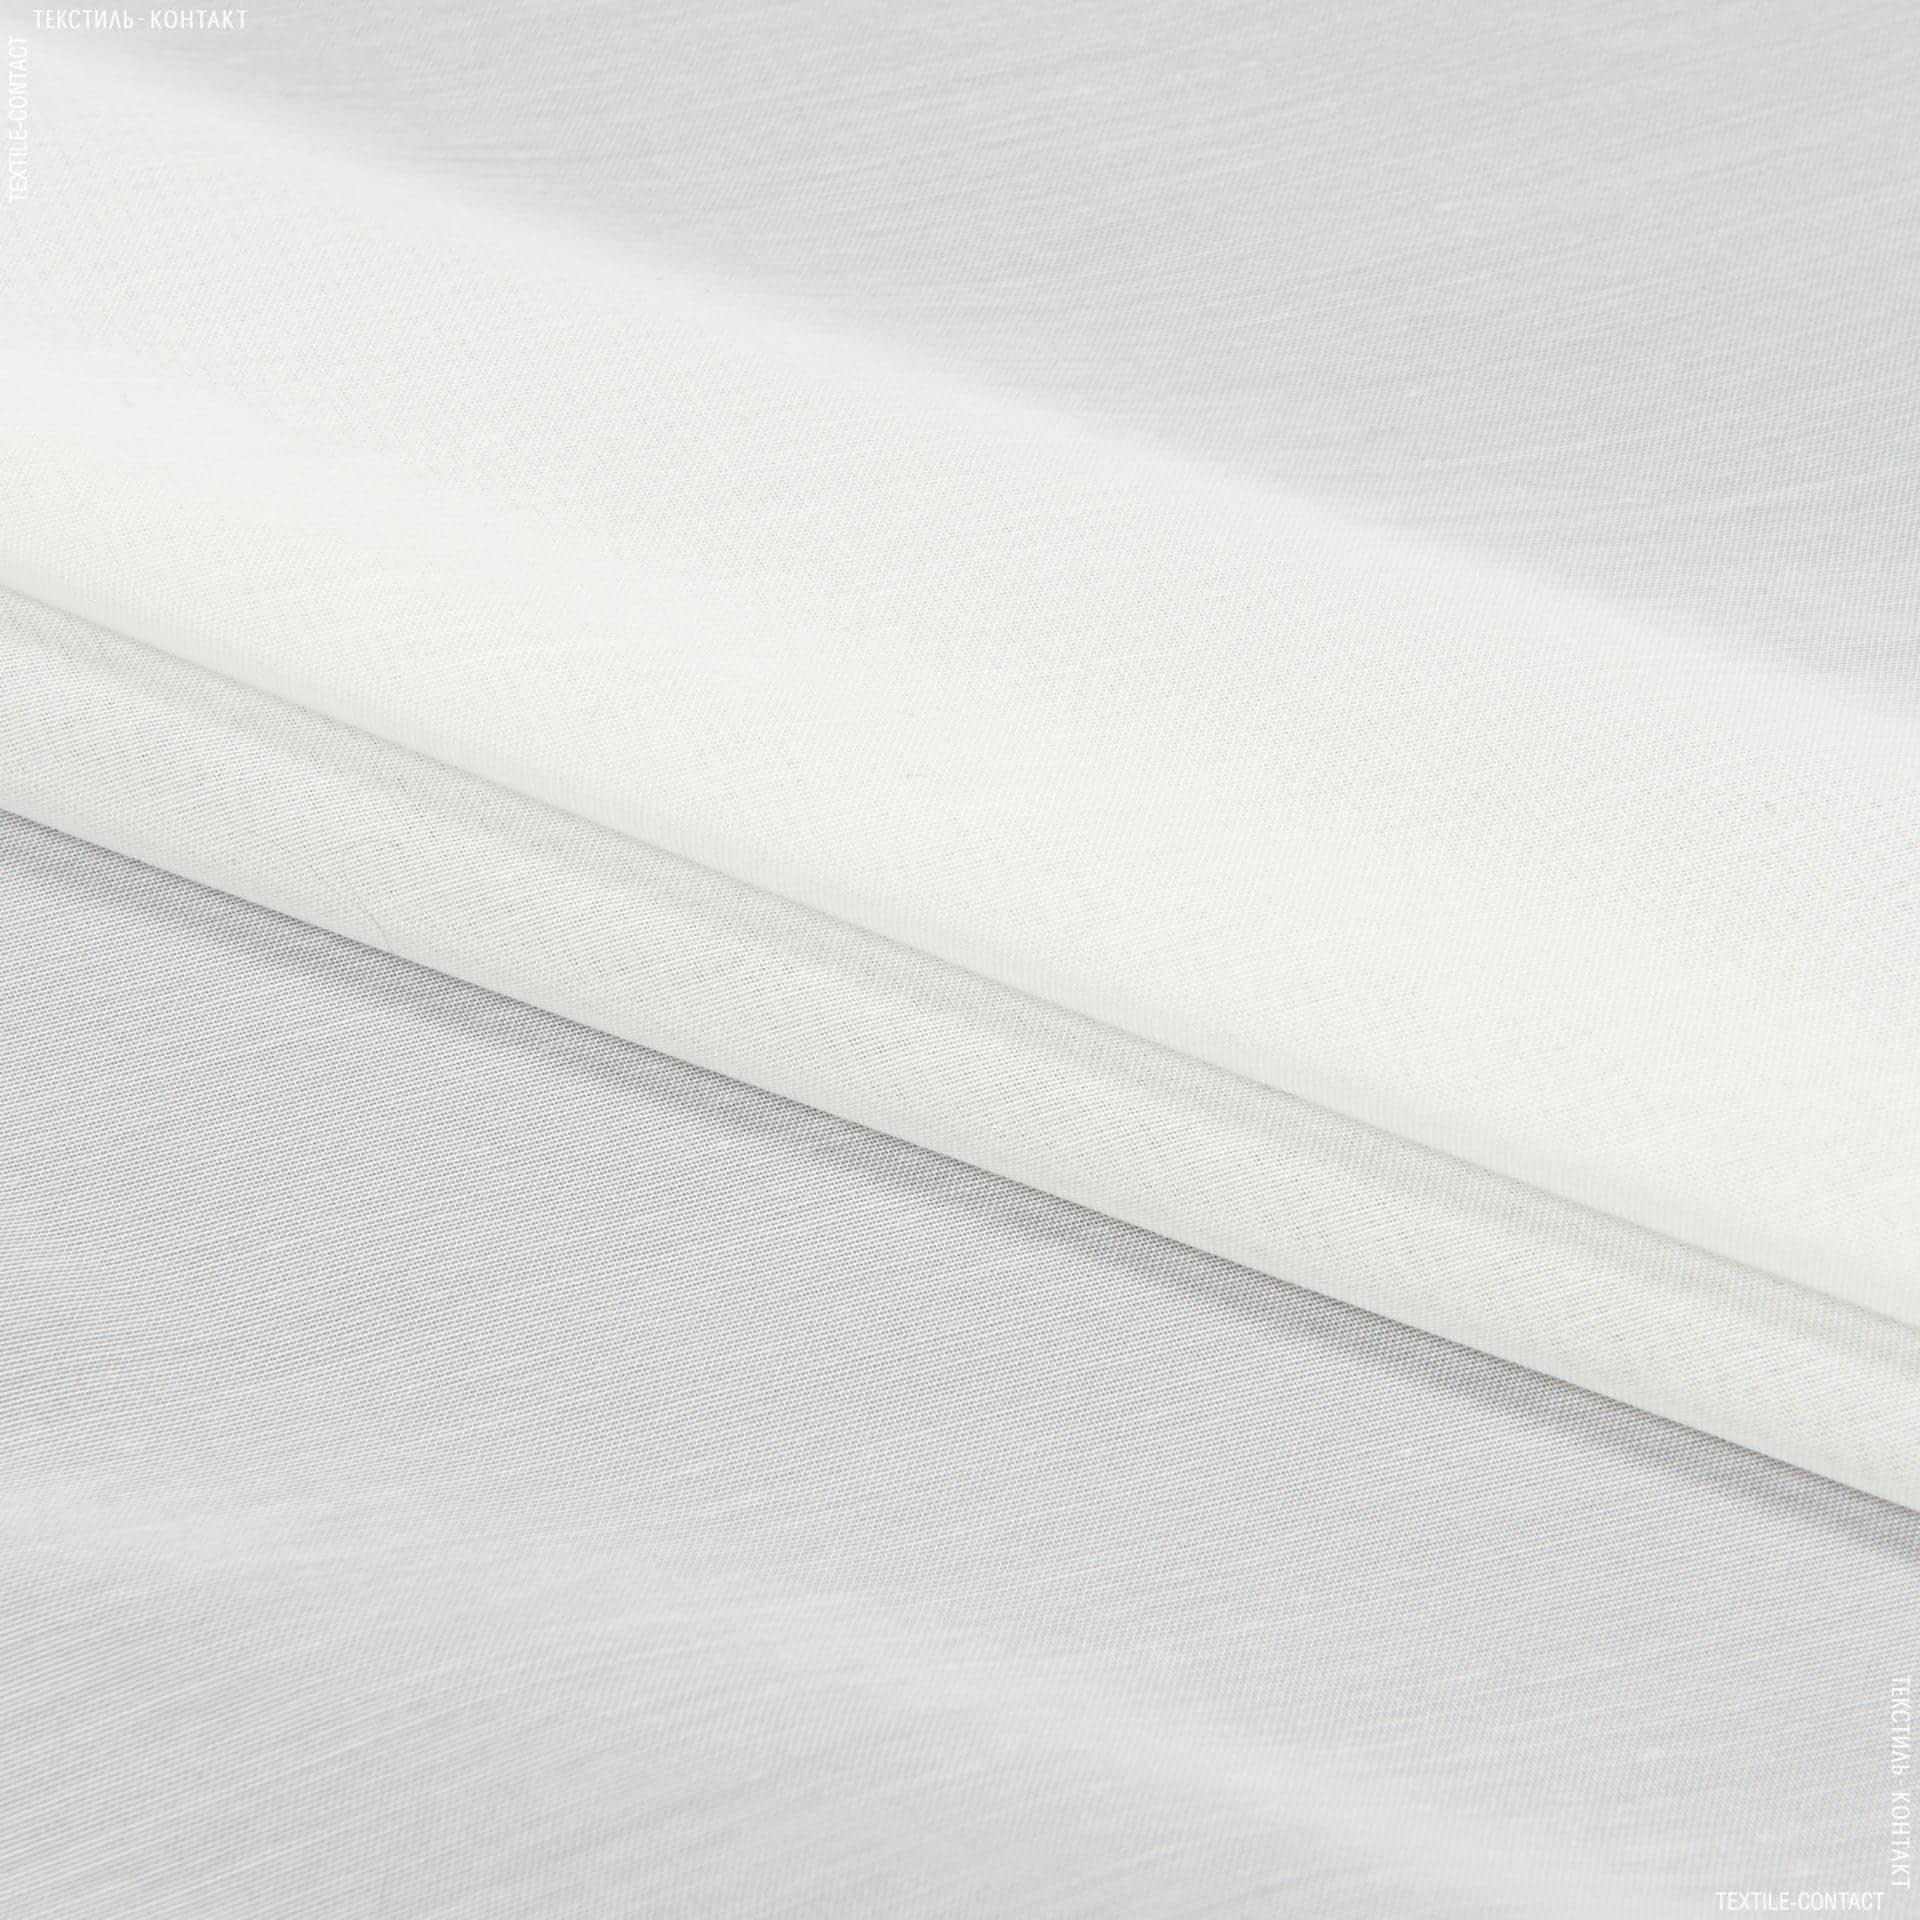 Тканини для драпірування стін і стель - Тюль батист / batist col 3 / слонова кістка